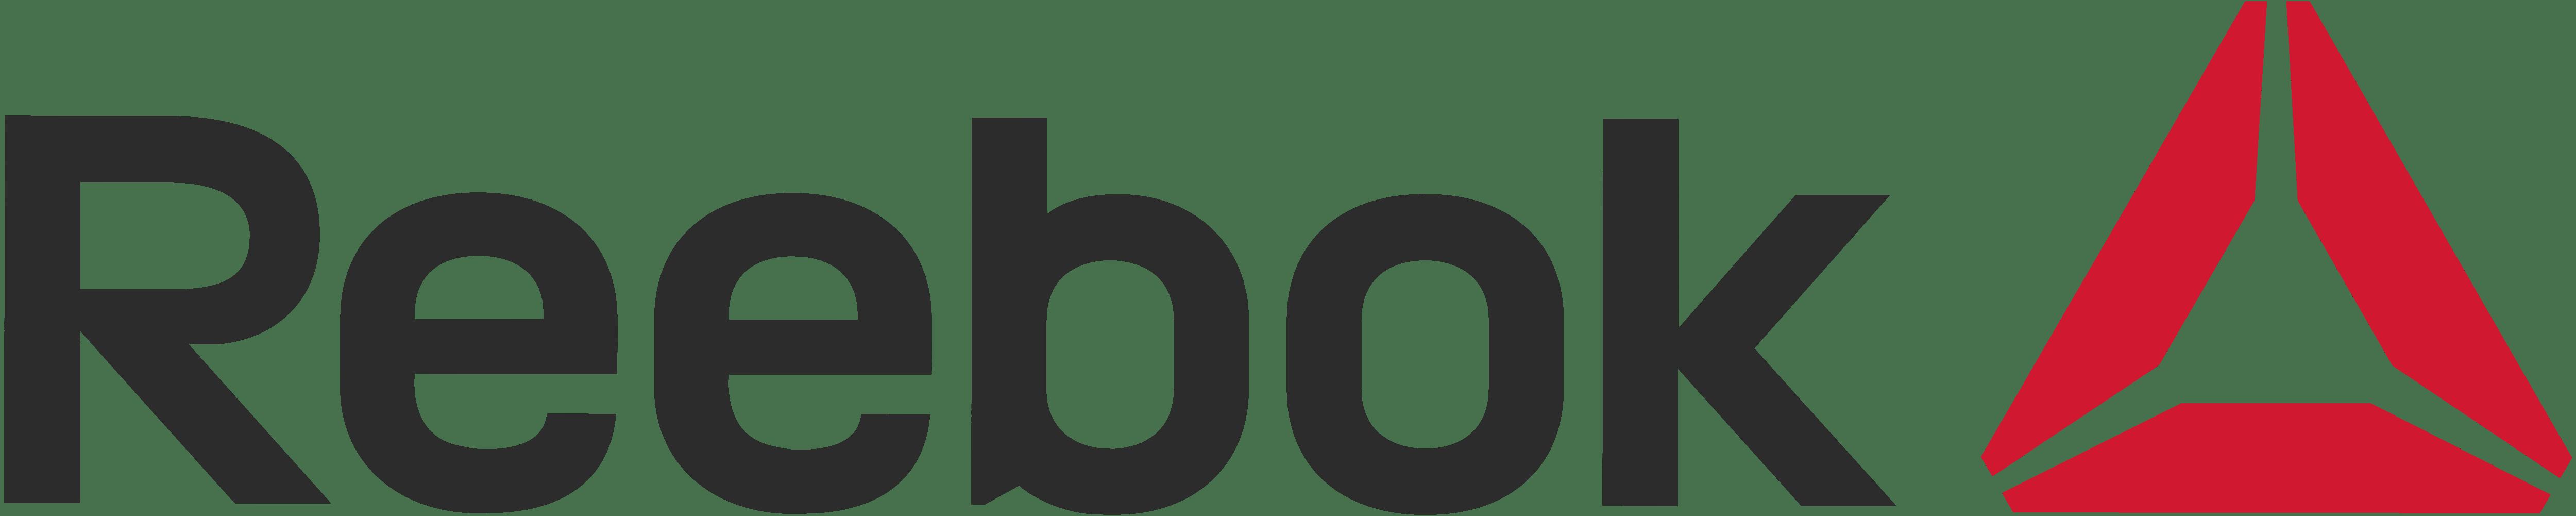 Code promo Reebok : -25% supplémentaires sur les articles déjà en promotion jusqu'à -50% + livraison gratuite